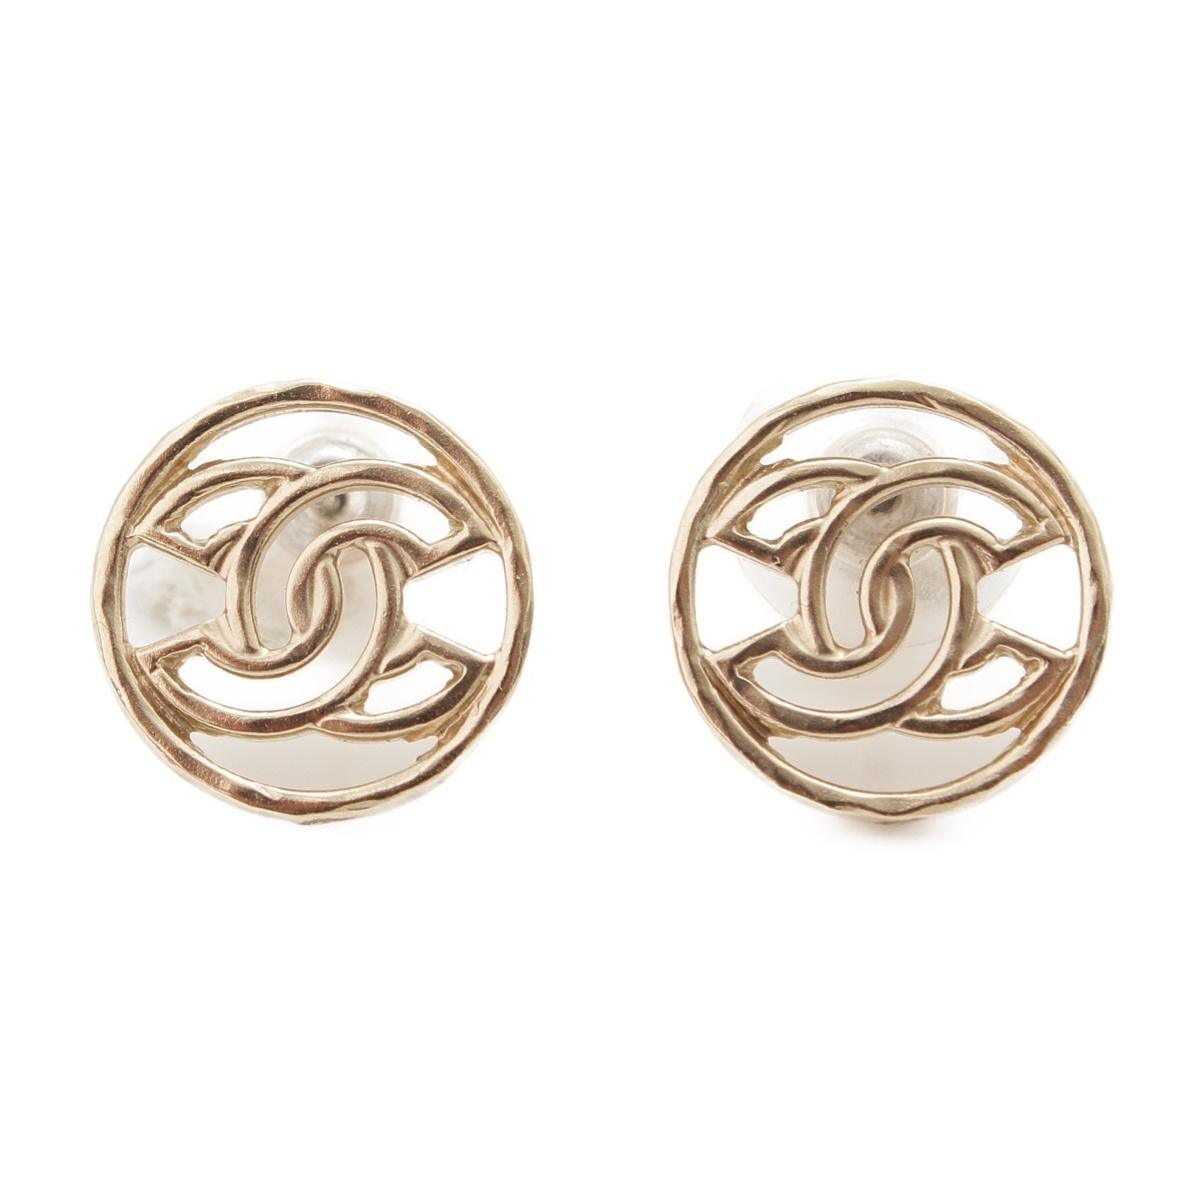 【シャネル】Chanel B17C ココマーク ラウンド ピアス ゴールド 【中古】【鑑定済・正規品保証】54883